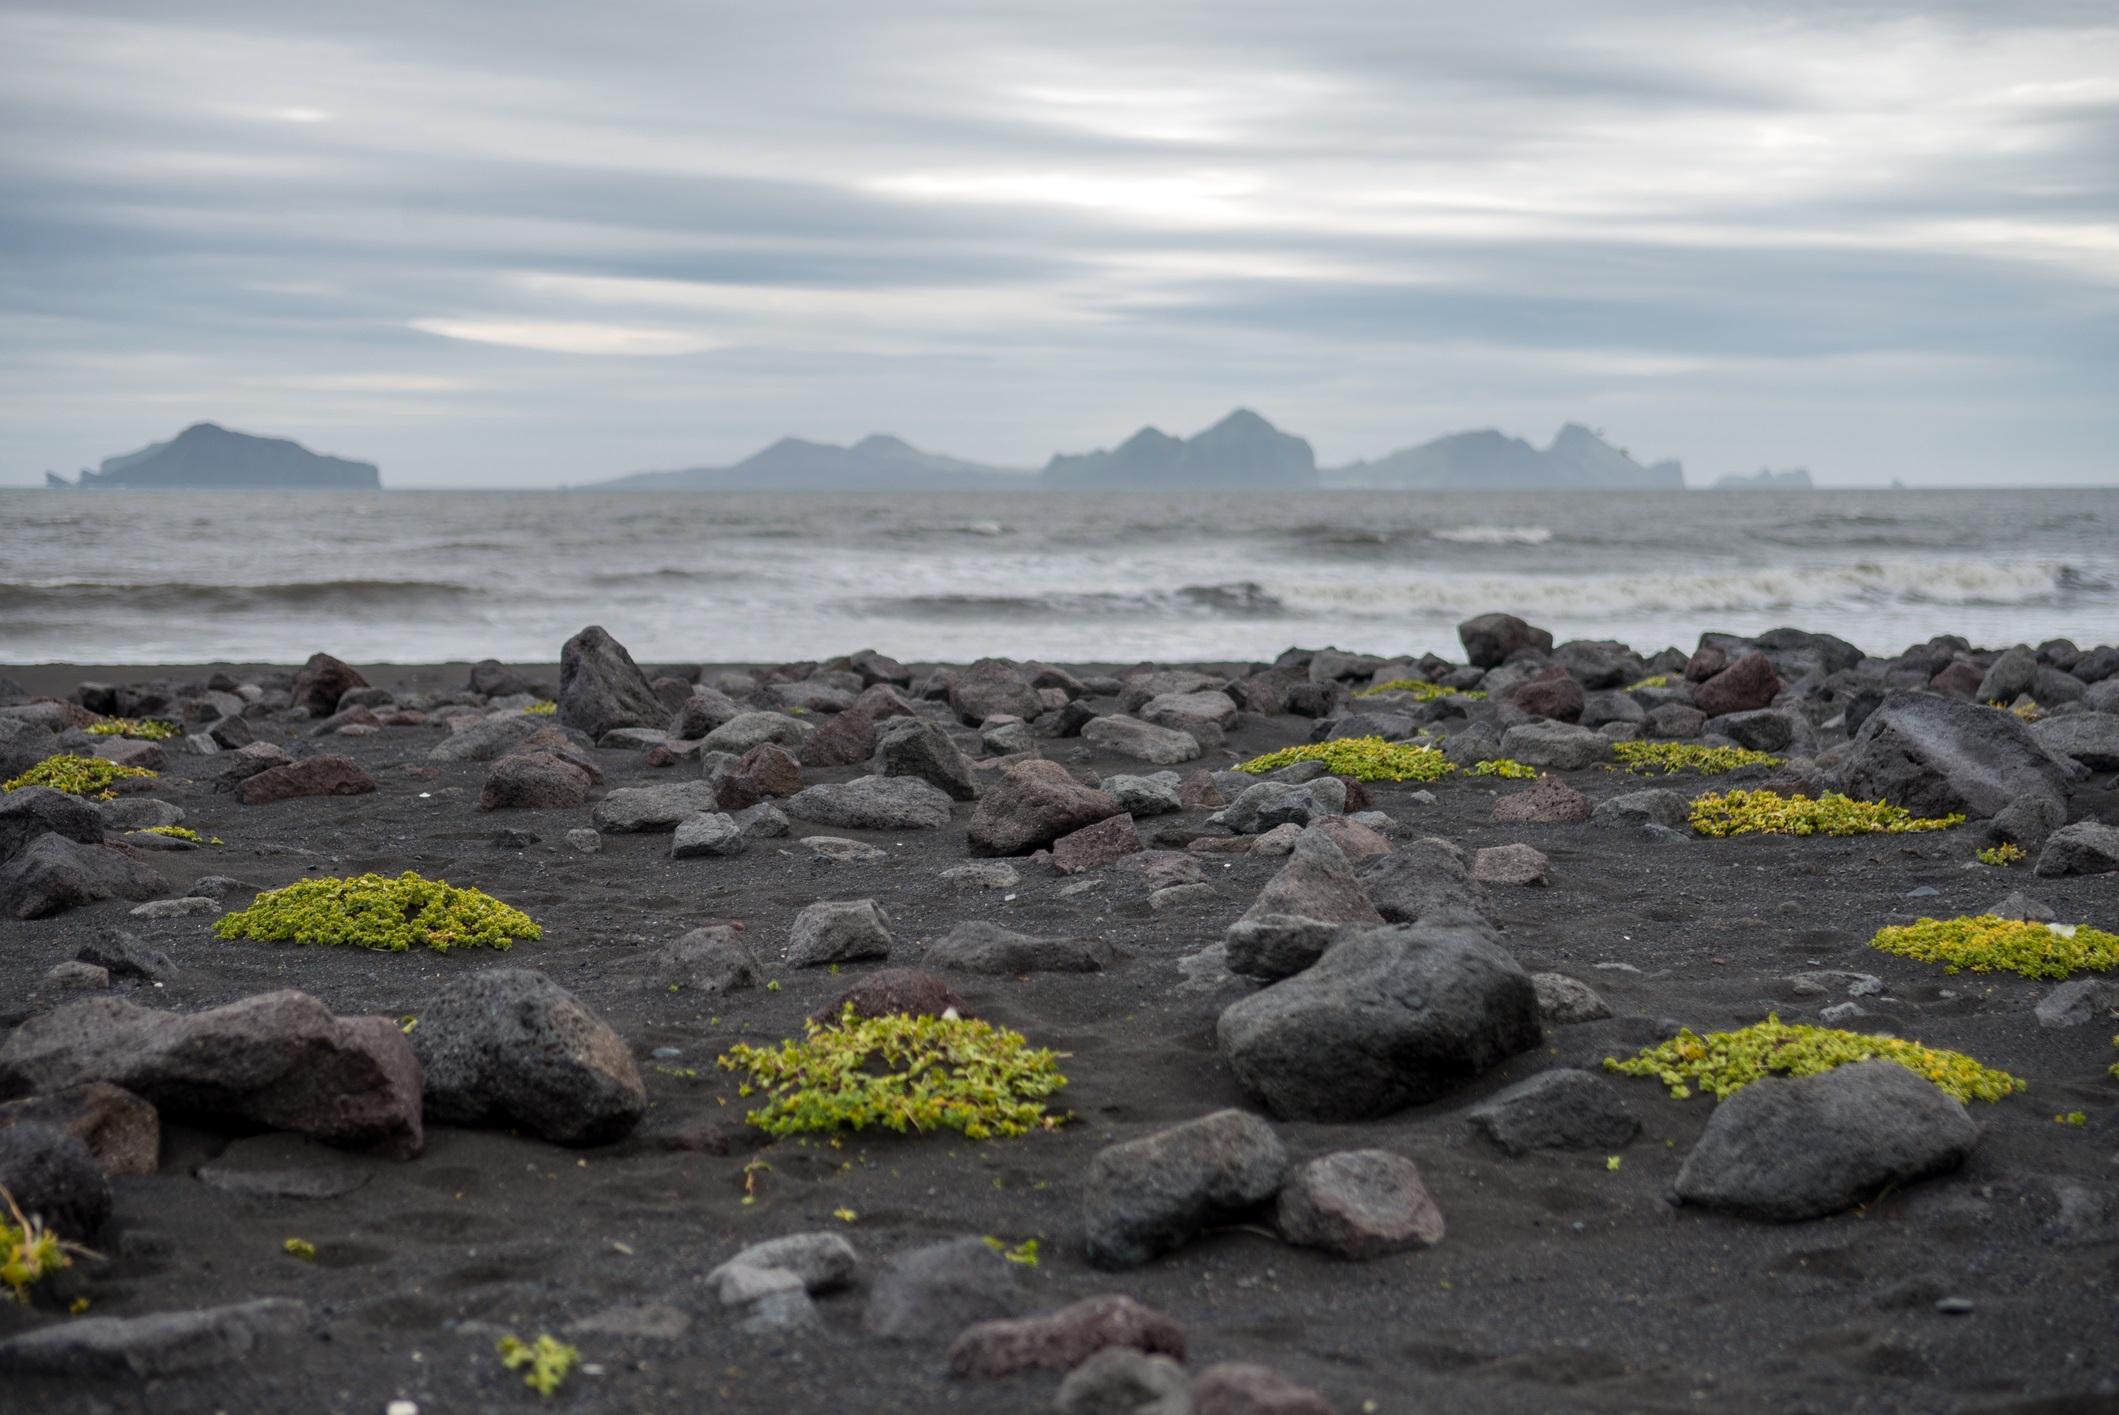 <p>Остров Surtsey, близо до Исландия, е парче земя, образувана през 1963 г., след огромно вулканично изригване, продължило 3 години. Сега земята се използва само за научни изследвания с цел да се разбере как да се формират екосистемите, без човешко въздействие. Има само няколко учени, на които е разрешено да посещават острова.</p>